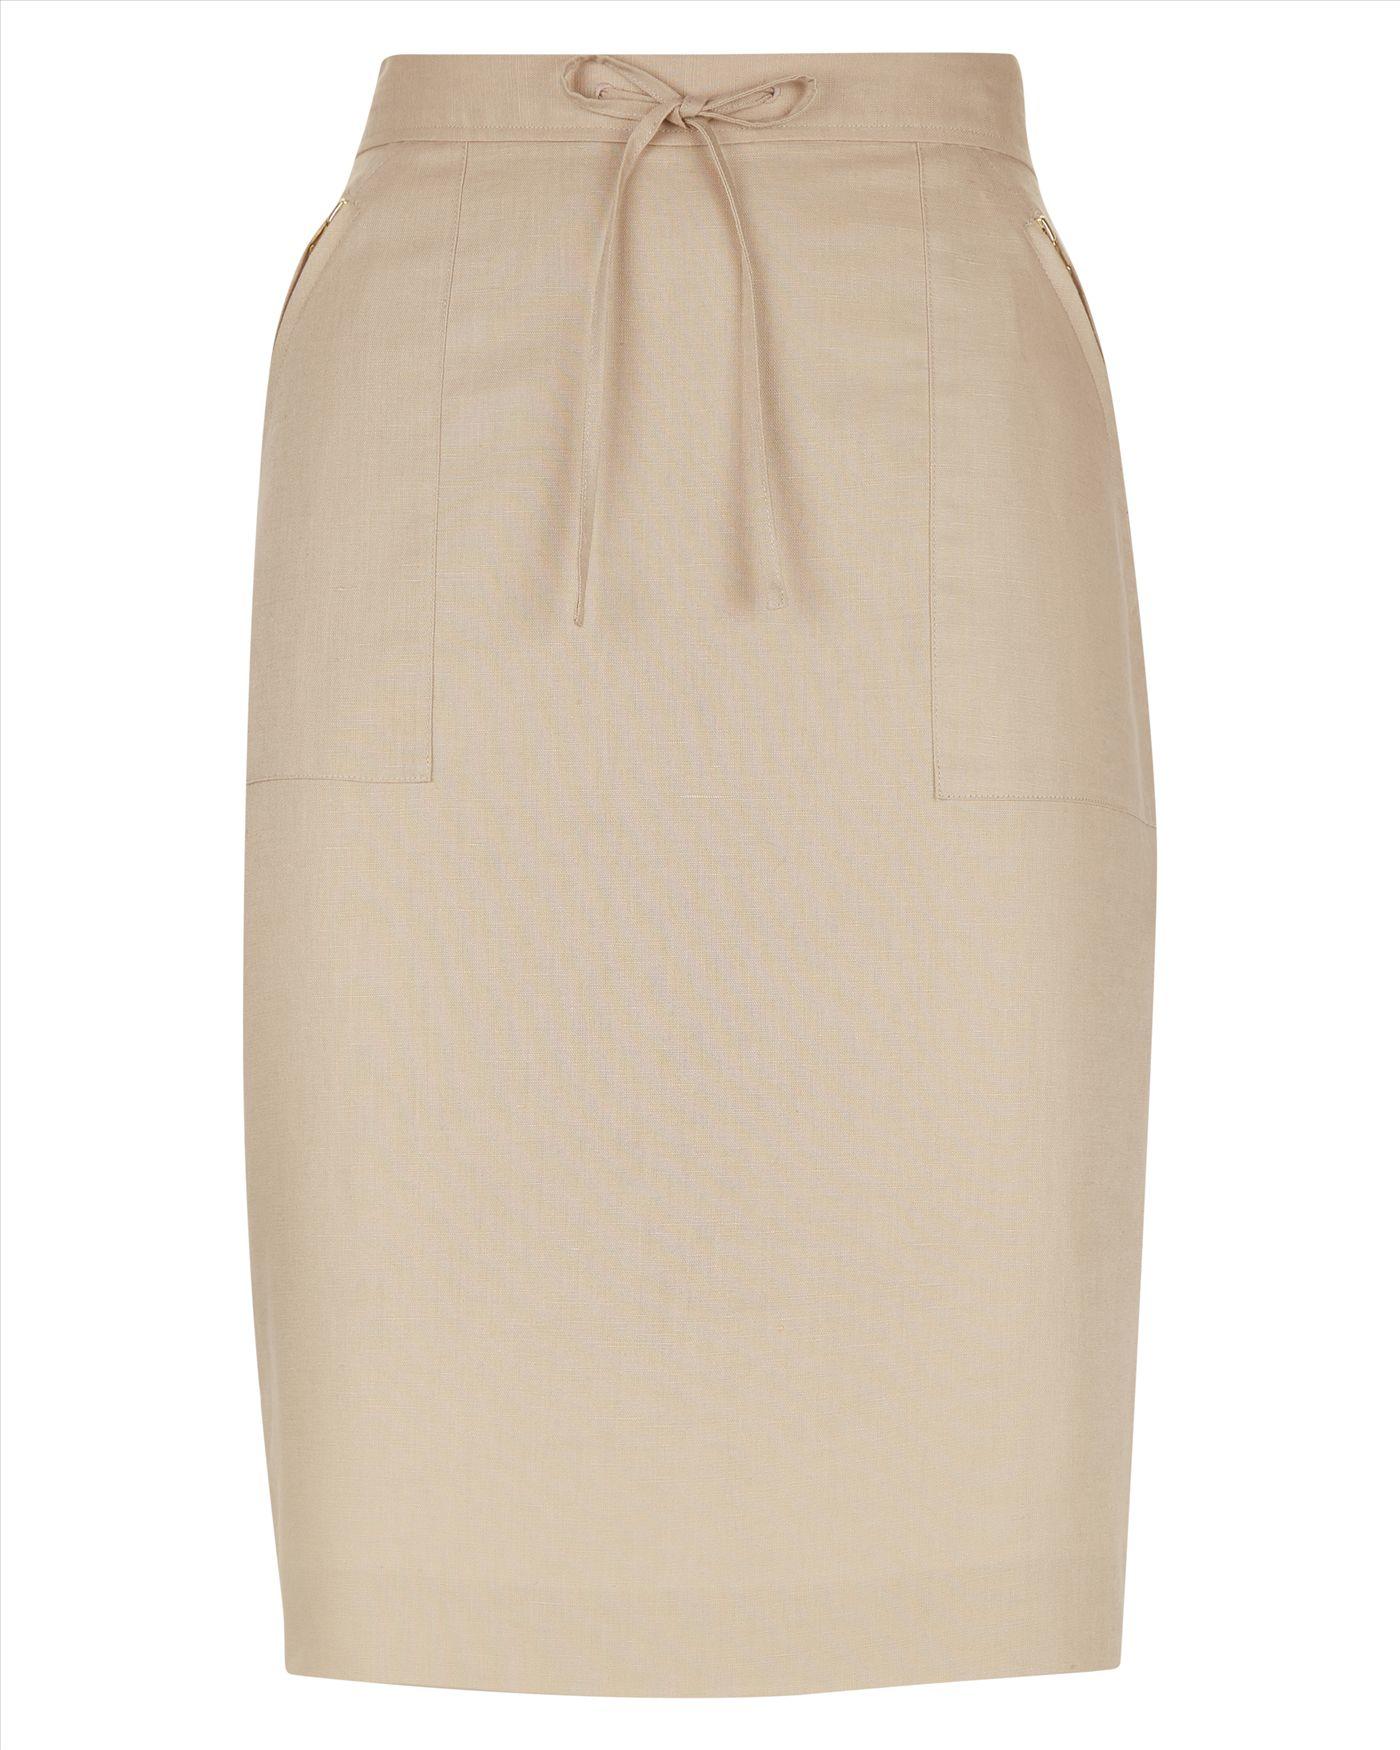 Cotton Linen Skirt 52